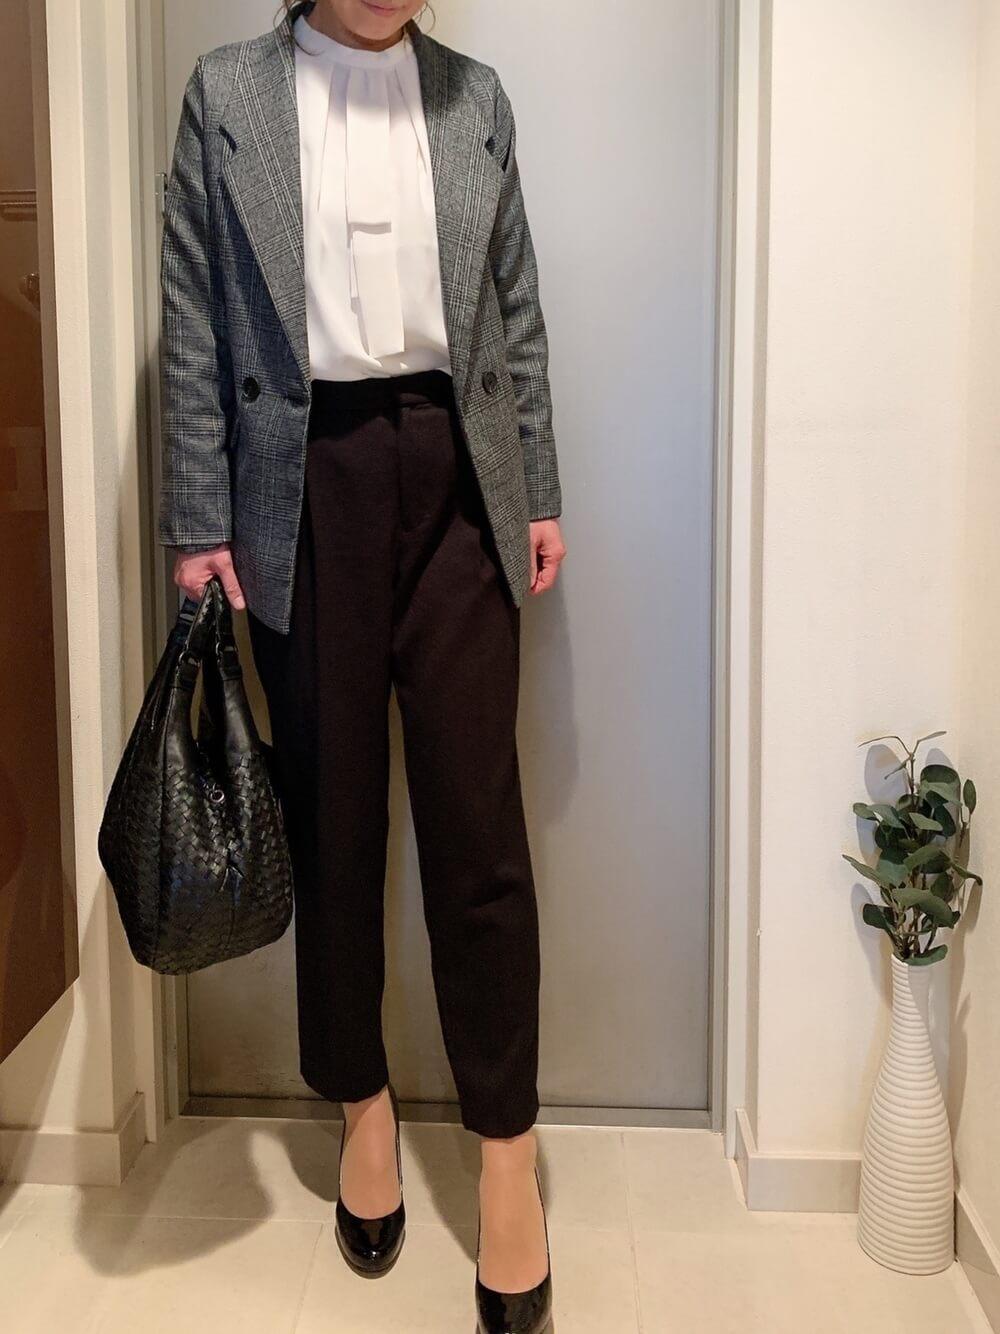 グレンチェックのテーラードジャケット×白のブラウス×黒のテーパードパンツ×ハイヒール